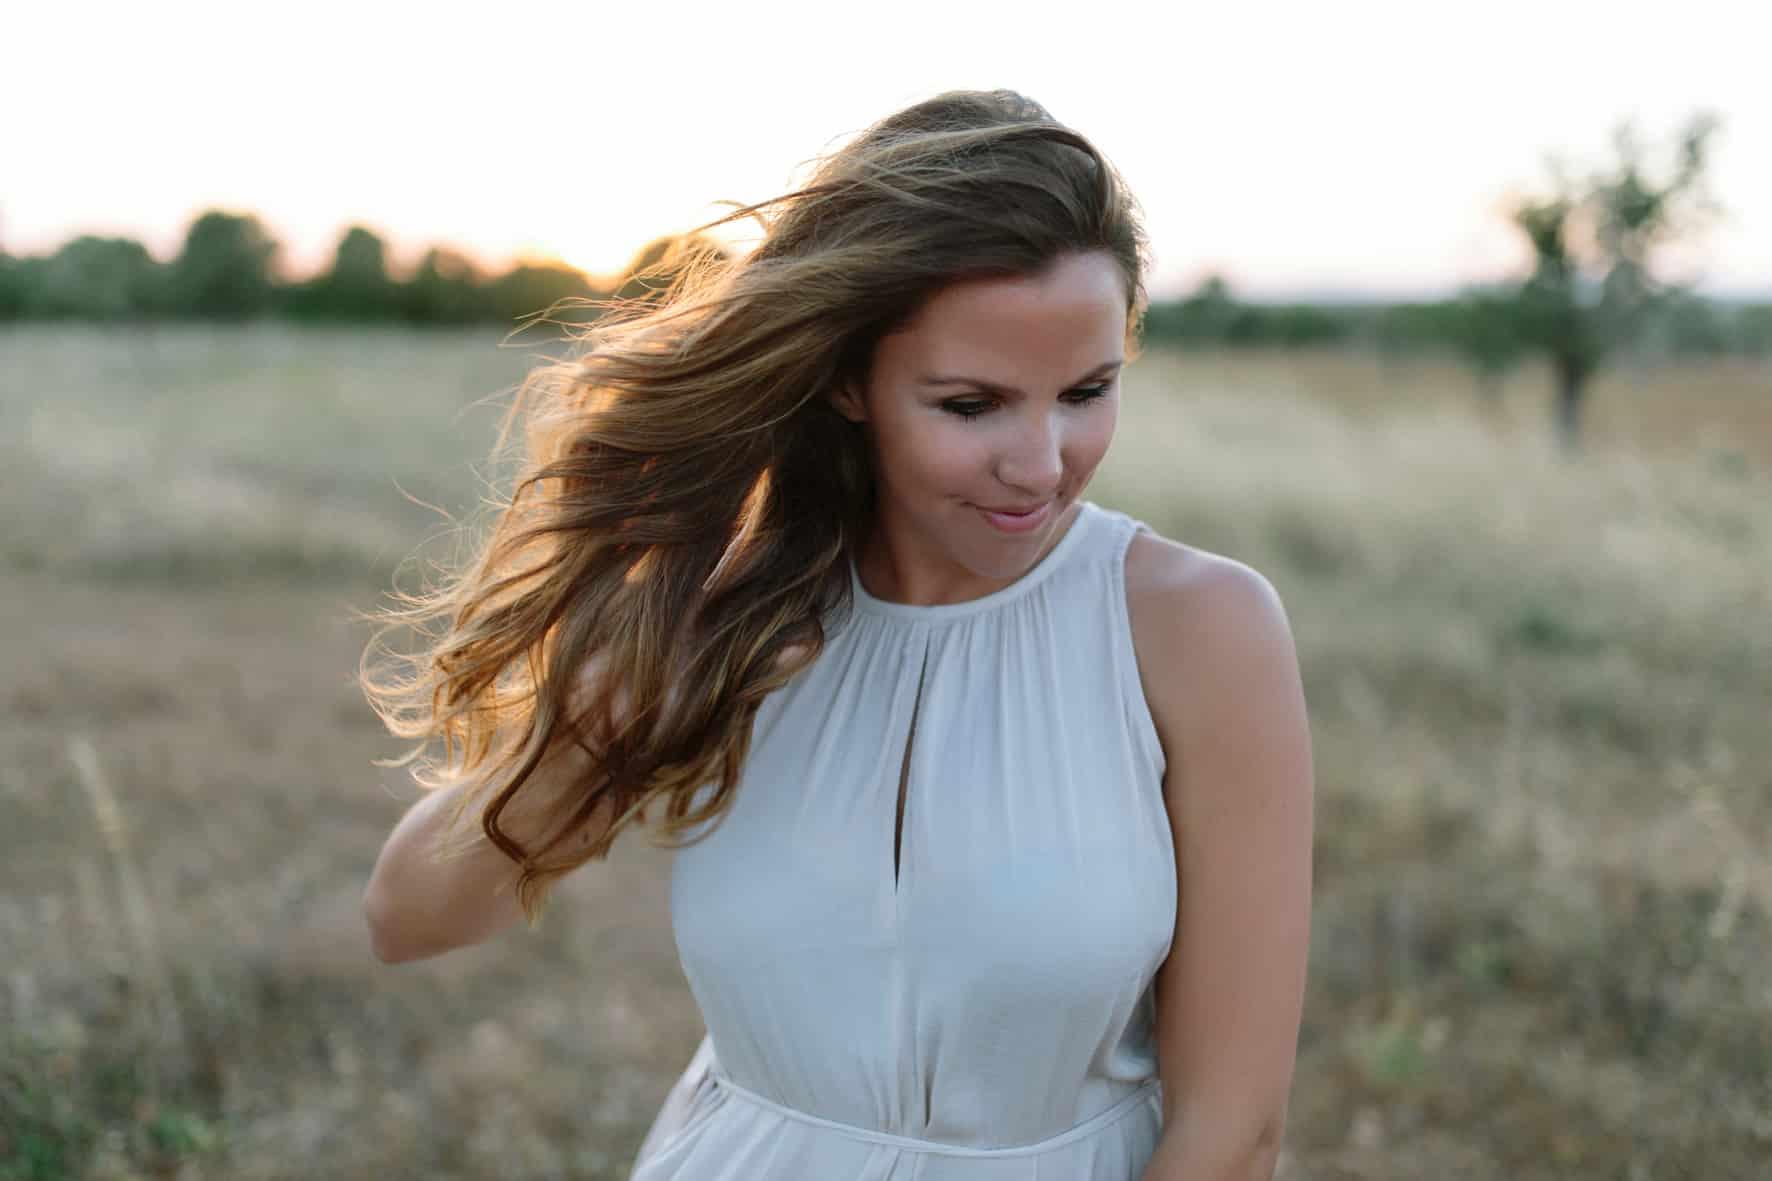 Hochzeitsfotografin Alexandra Sinz - Ein Gastbeitrag